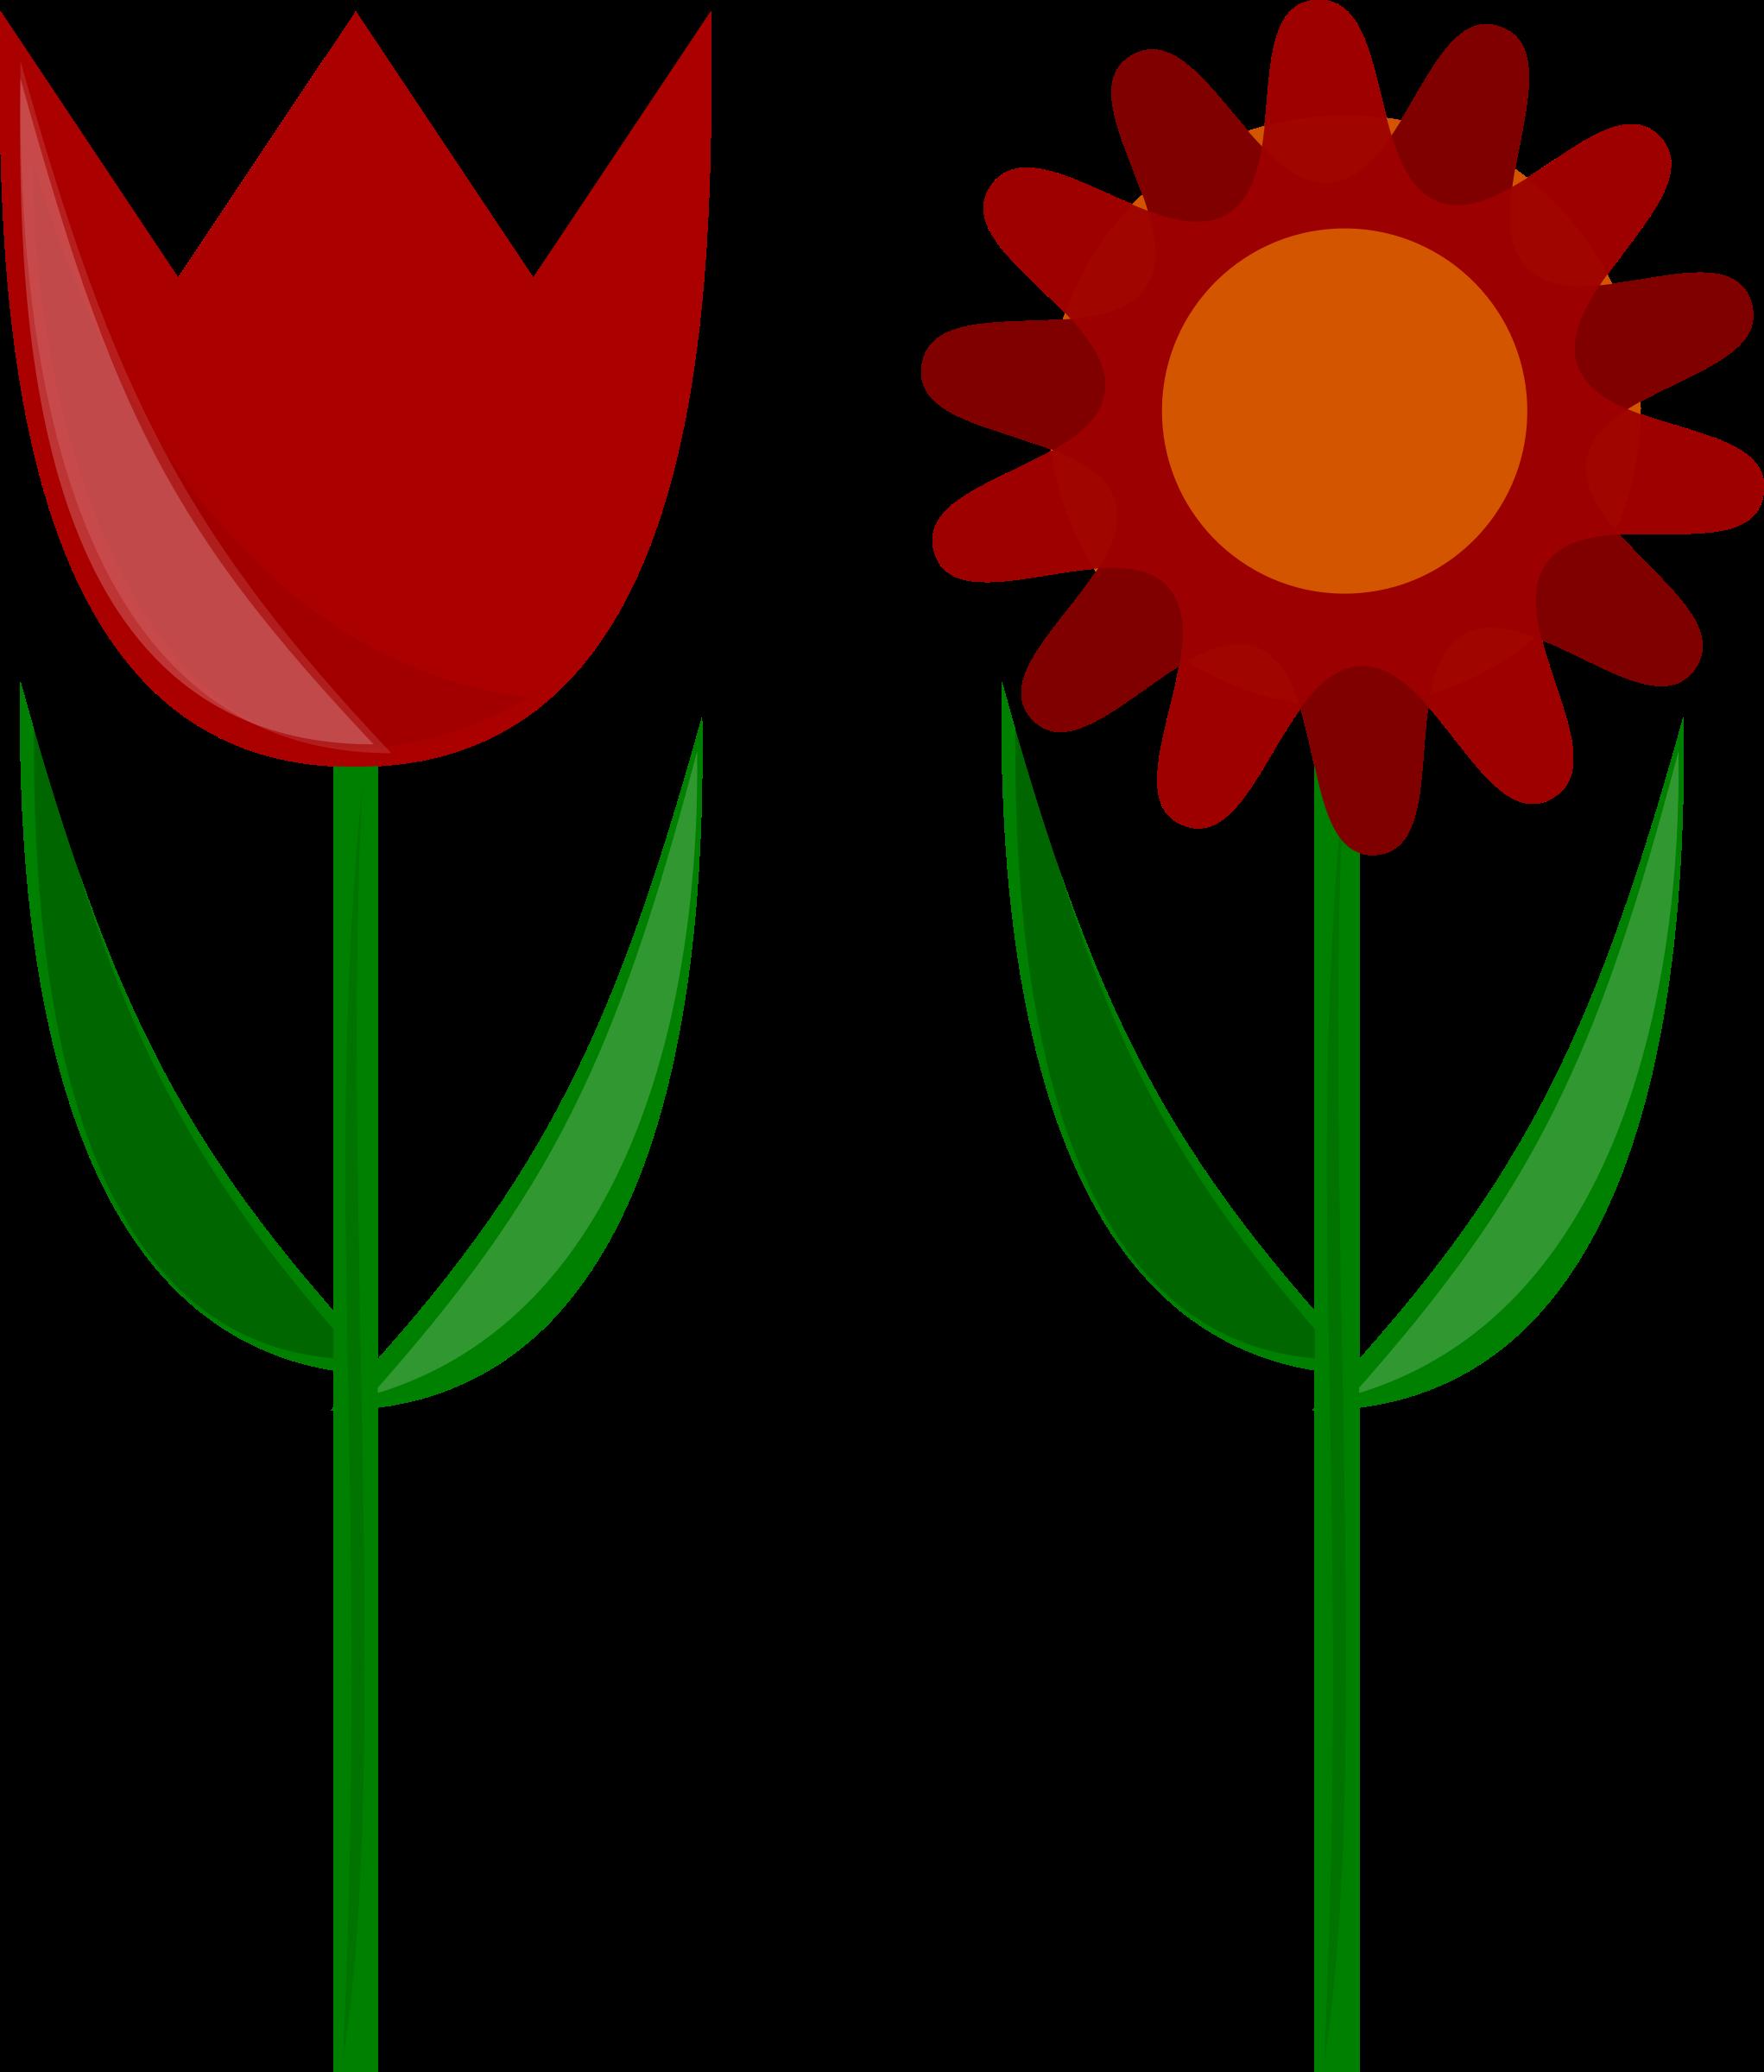 Flower stem clipart banner Clipart - Flowers banner